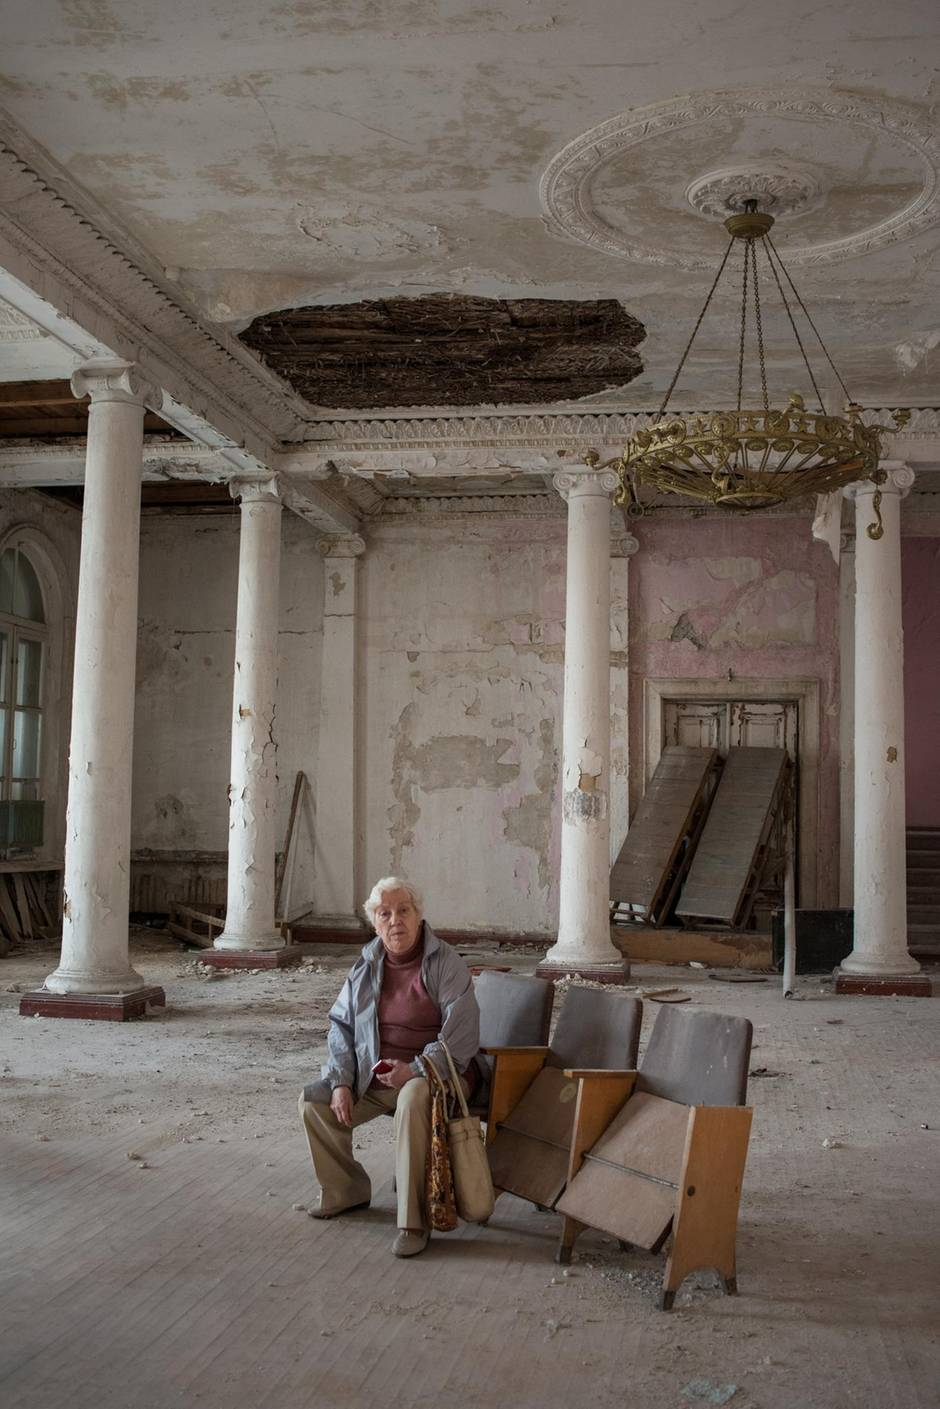 Deja ist Kriegsüberlebende und verbringt ihre Rente mit der Erhaltung der Erinnerungen an den zweiten Weltkrieg, hier fotografiert im Kulturhaus im Stadtviertel Beketowa.